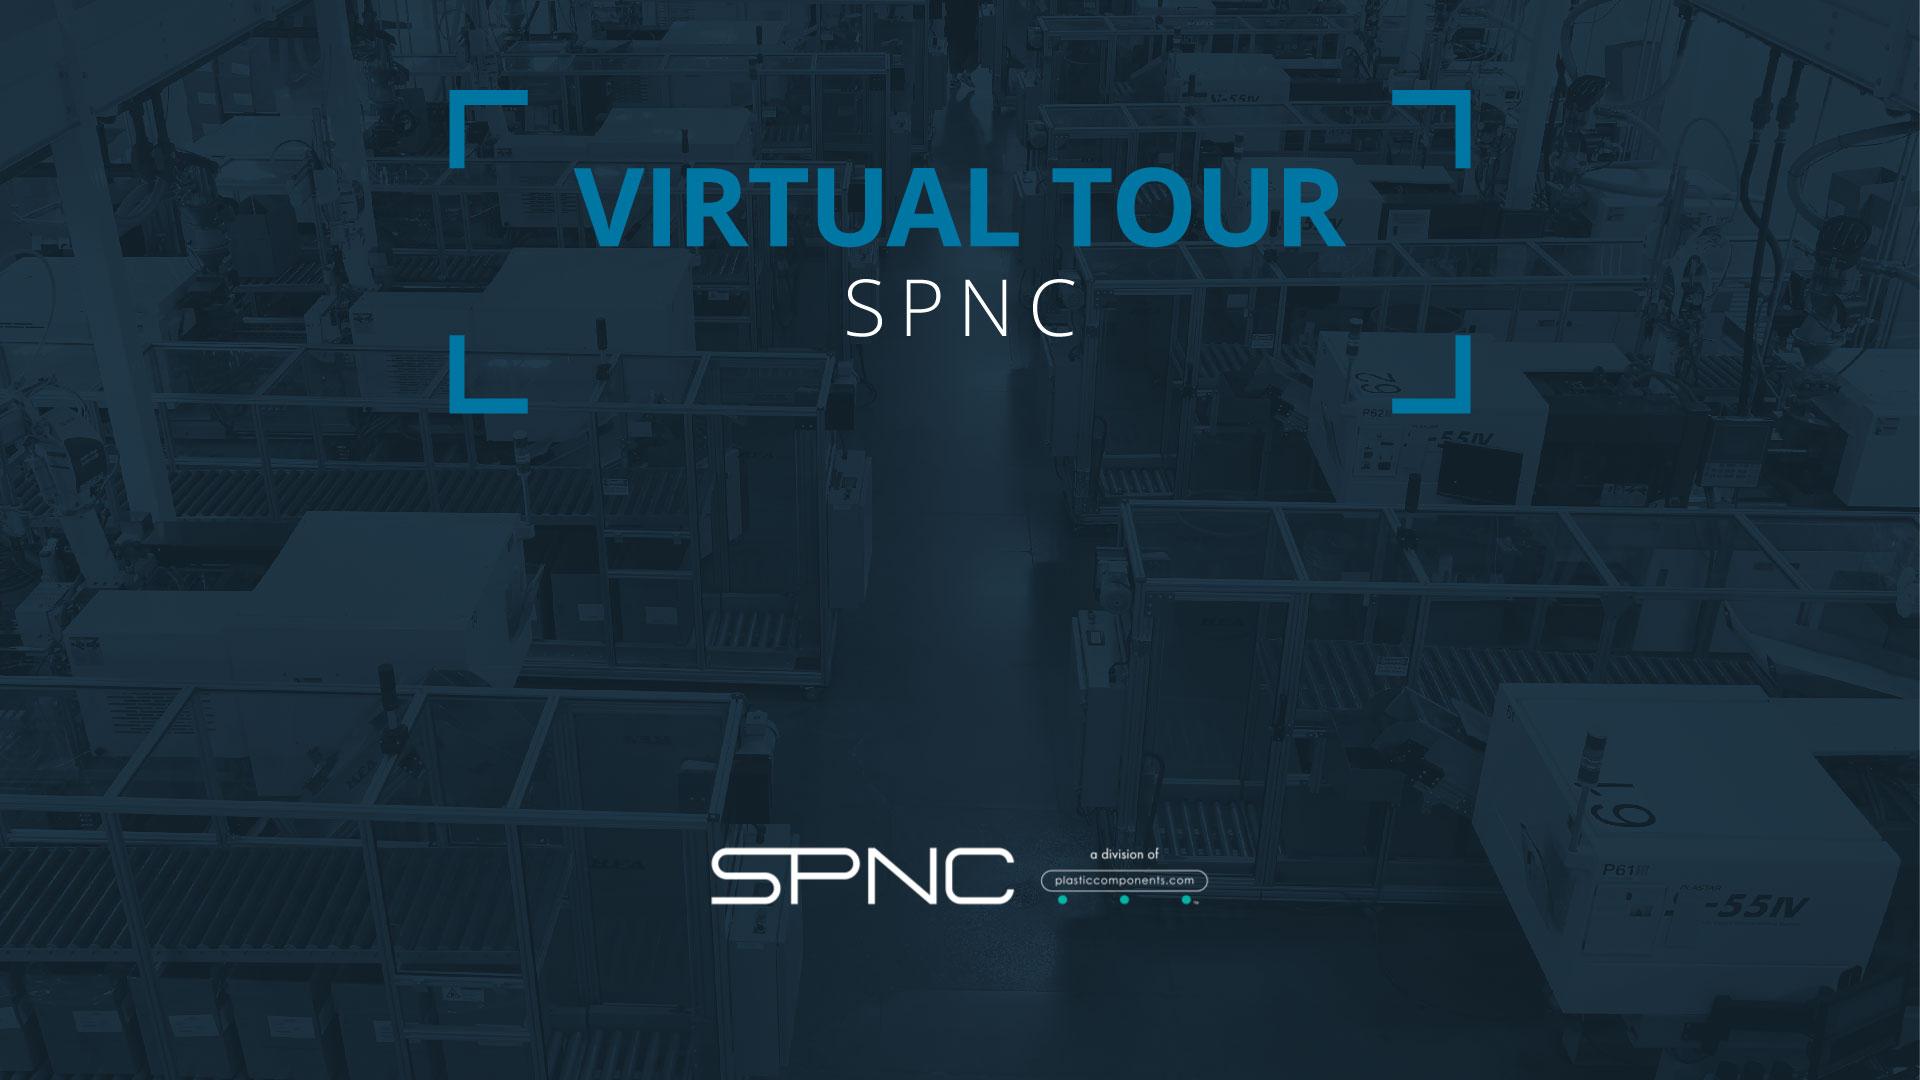 SPNC_2021-02-Plant-Tour